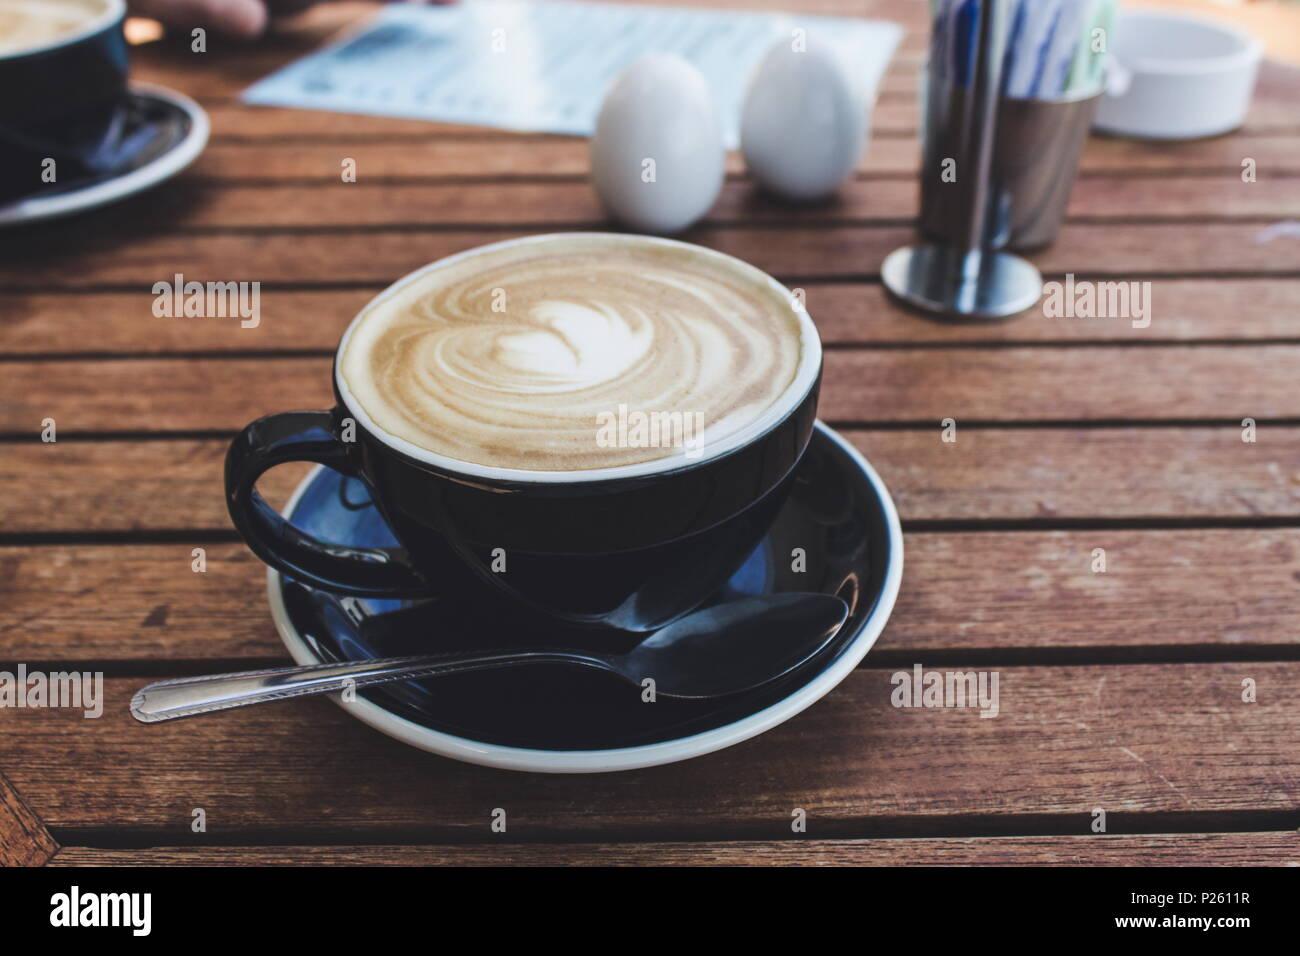 In der Nähe Bild von einer heißen Tasse Kaffee in einem schwarzen Schale Stockbild